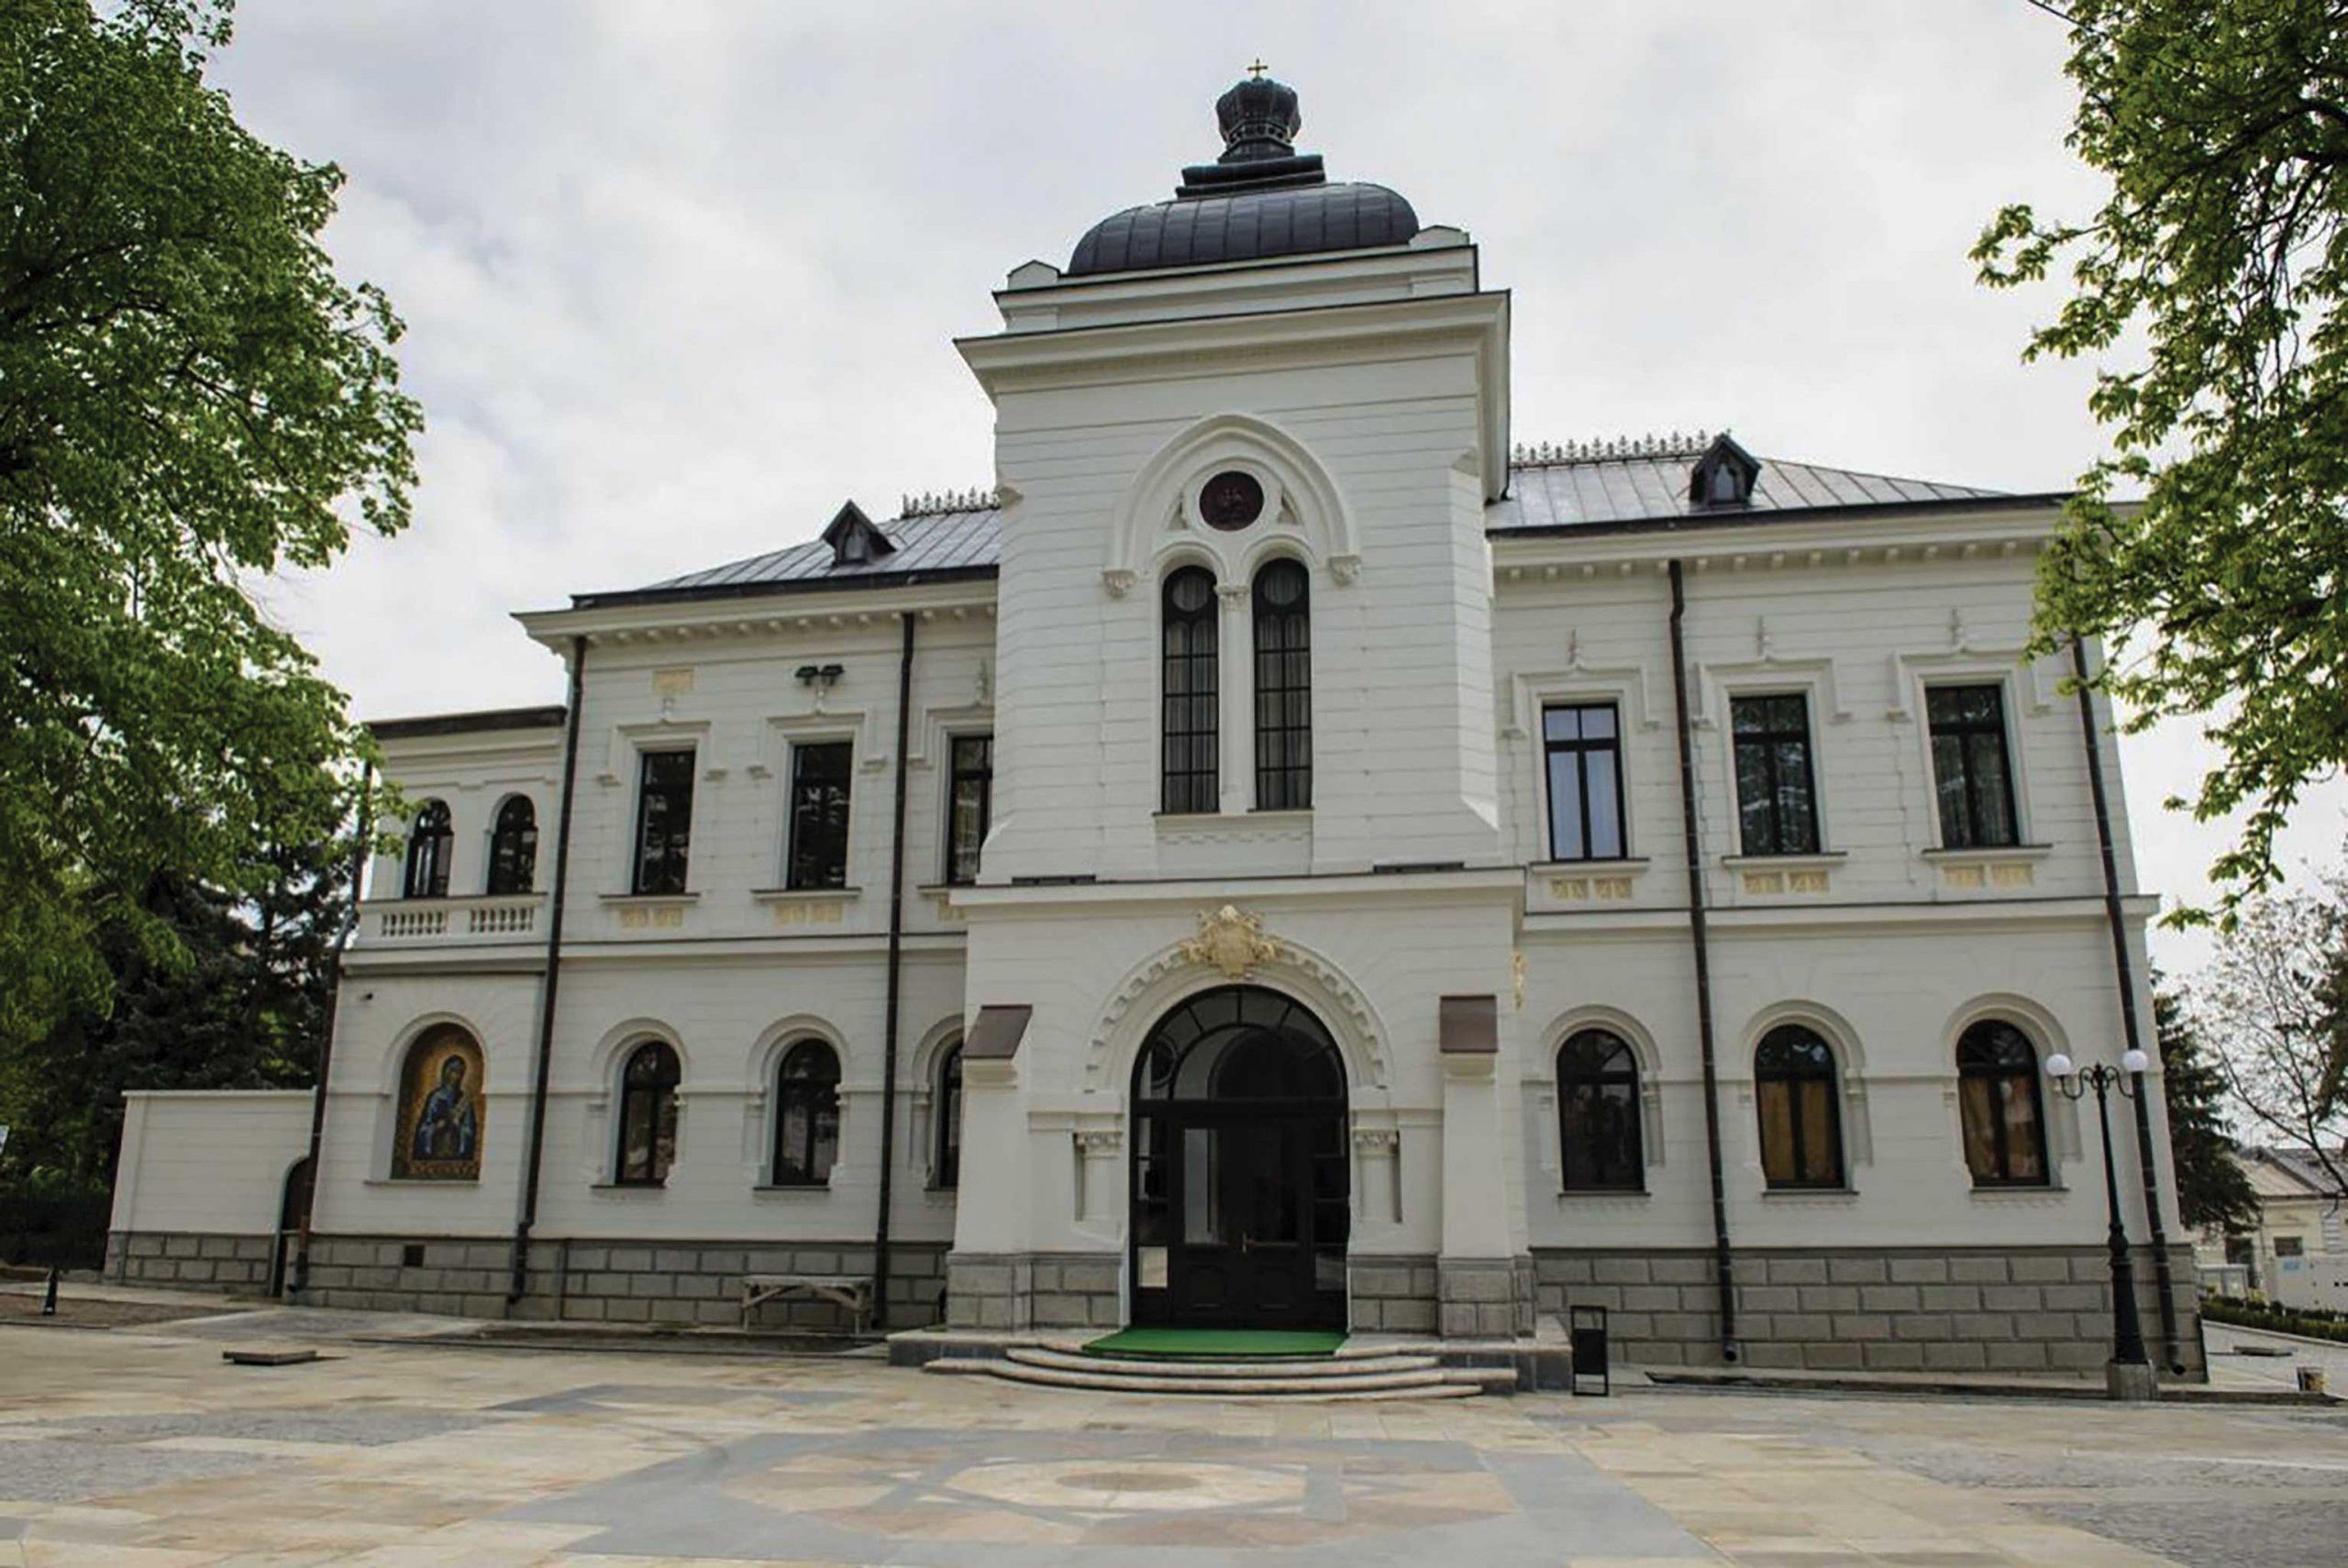 Hotărârile Sinodului mitropolitan al Mitropoliei Moldovei și Bucovinei din 5 noiembrie 2020